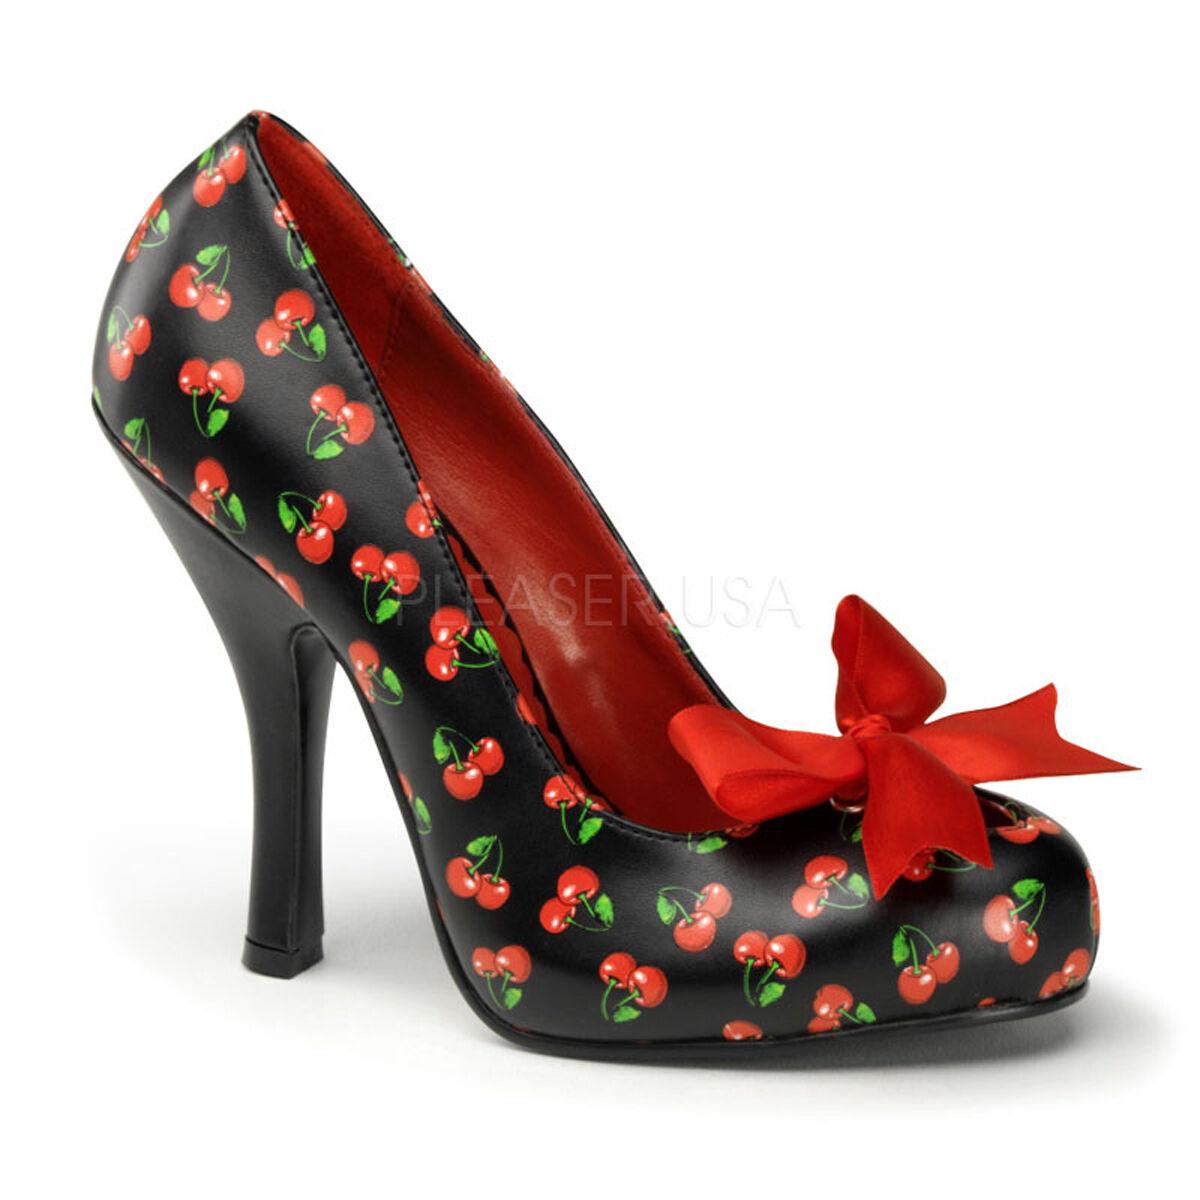 Pin Up Cherry por Pleasercutiepie06 Vintage Estilo zapatos  Tenis Cherry Up Cheetah Y Arco 956b40